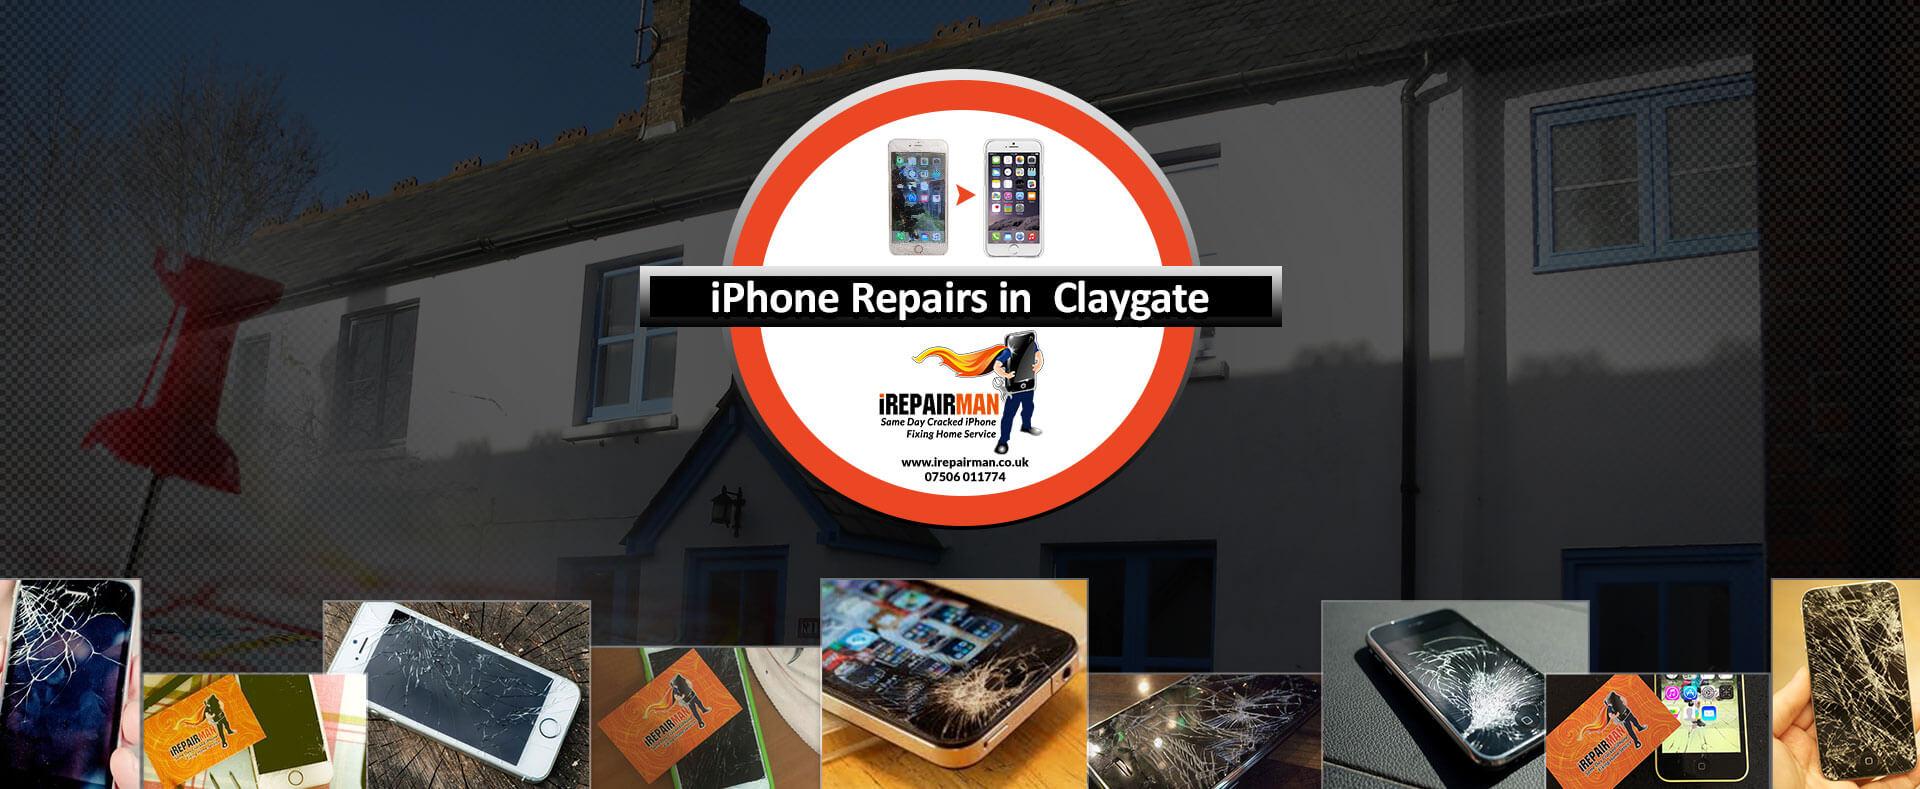 iPhone Repairs in Claygate